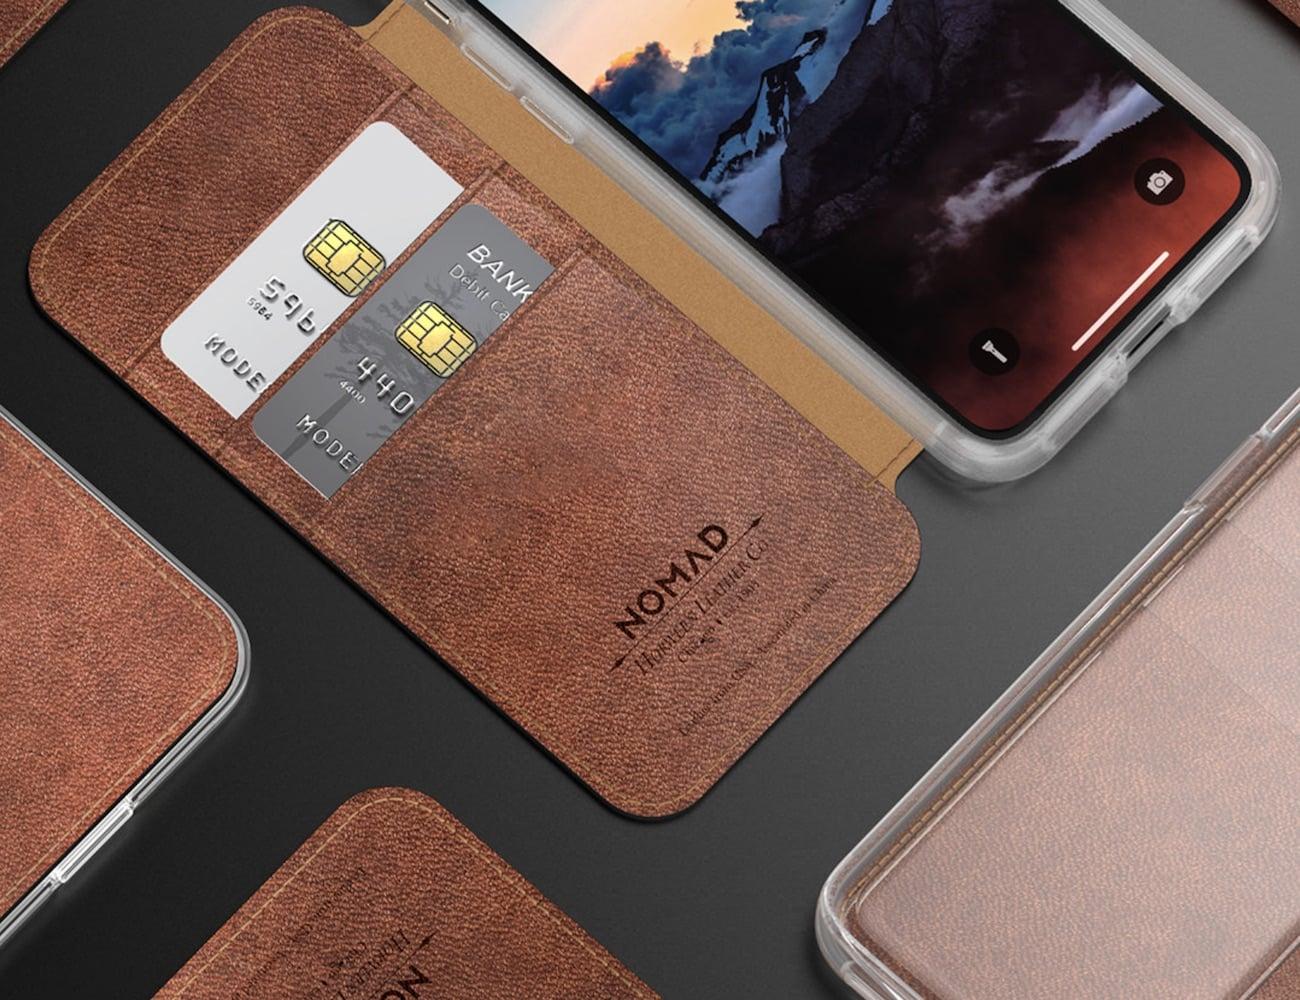 Iphonex Phone Cases: Nomad Clear Folio IPhone X Case » Gadget Flow